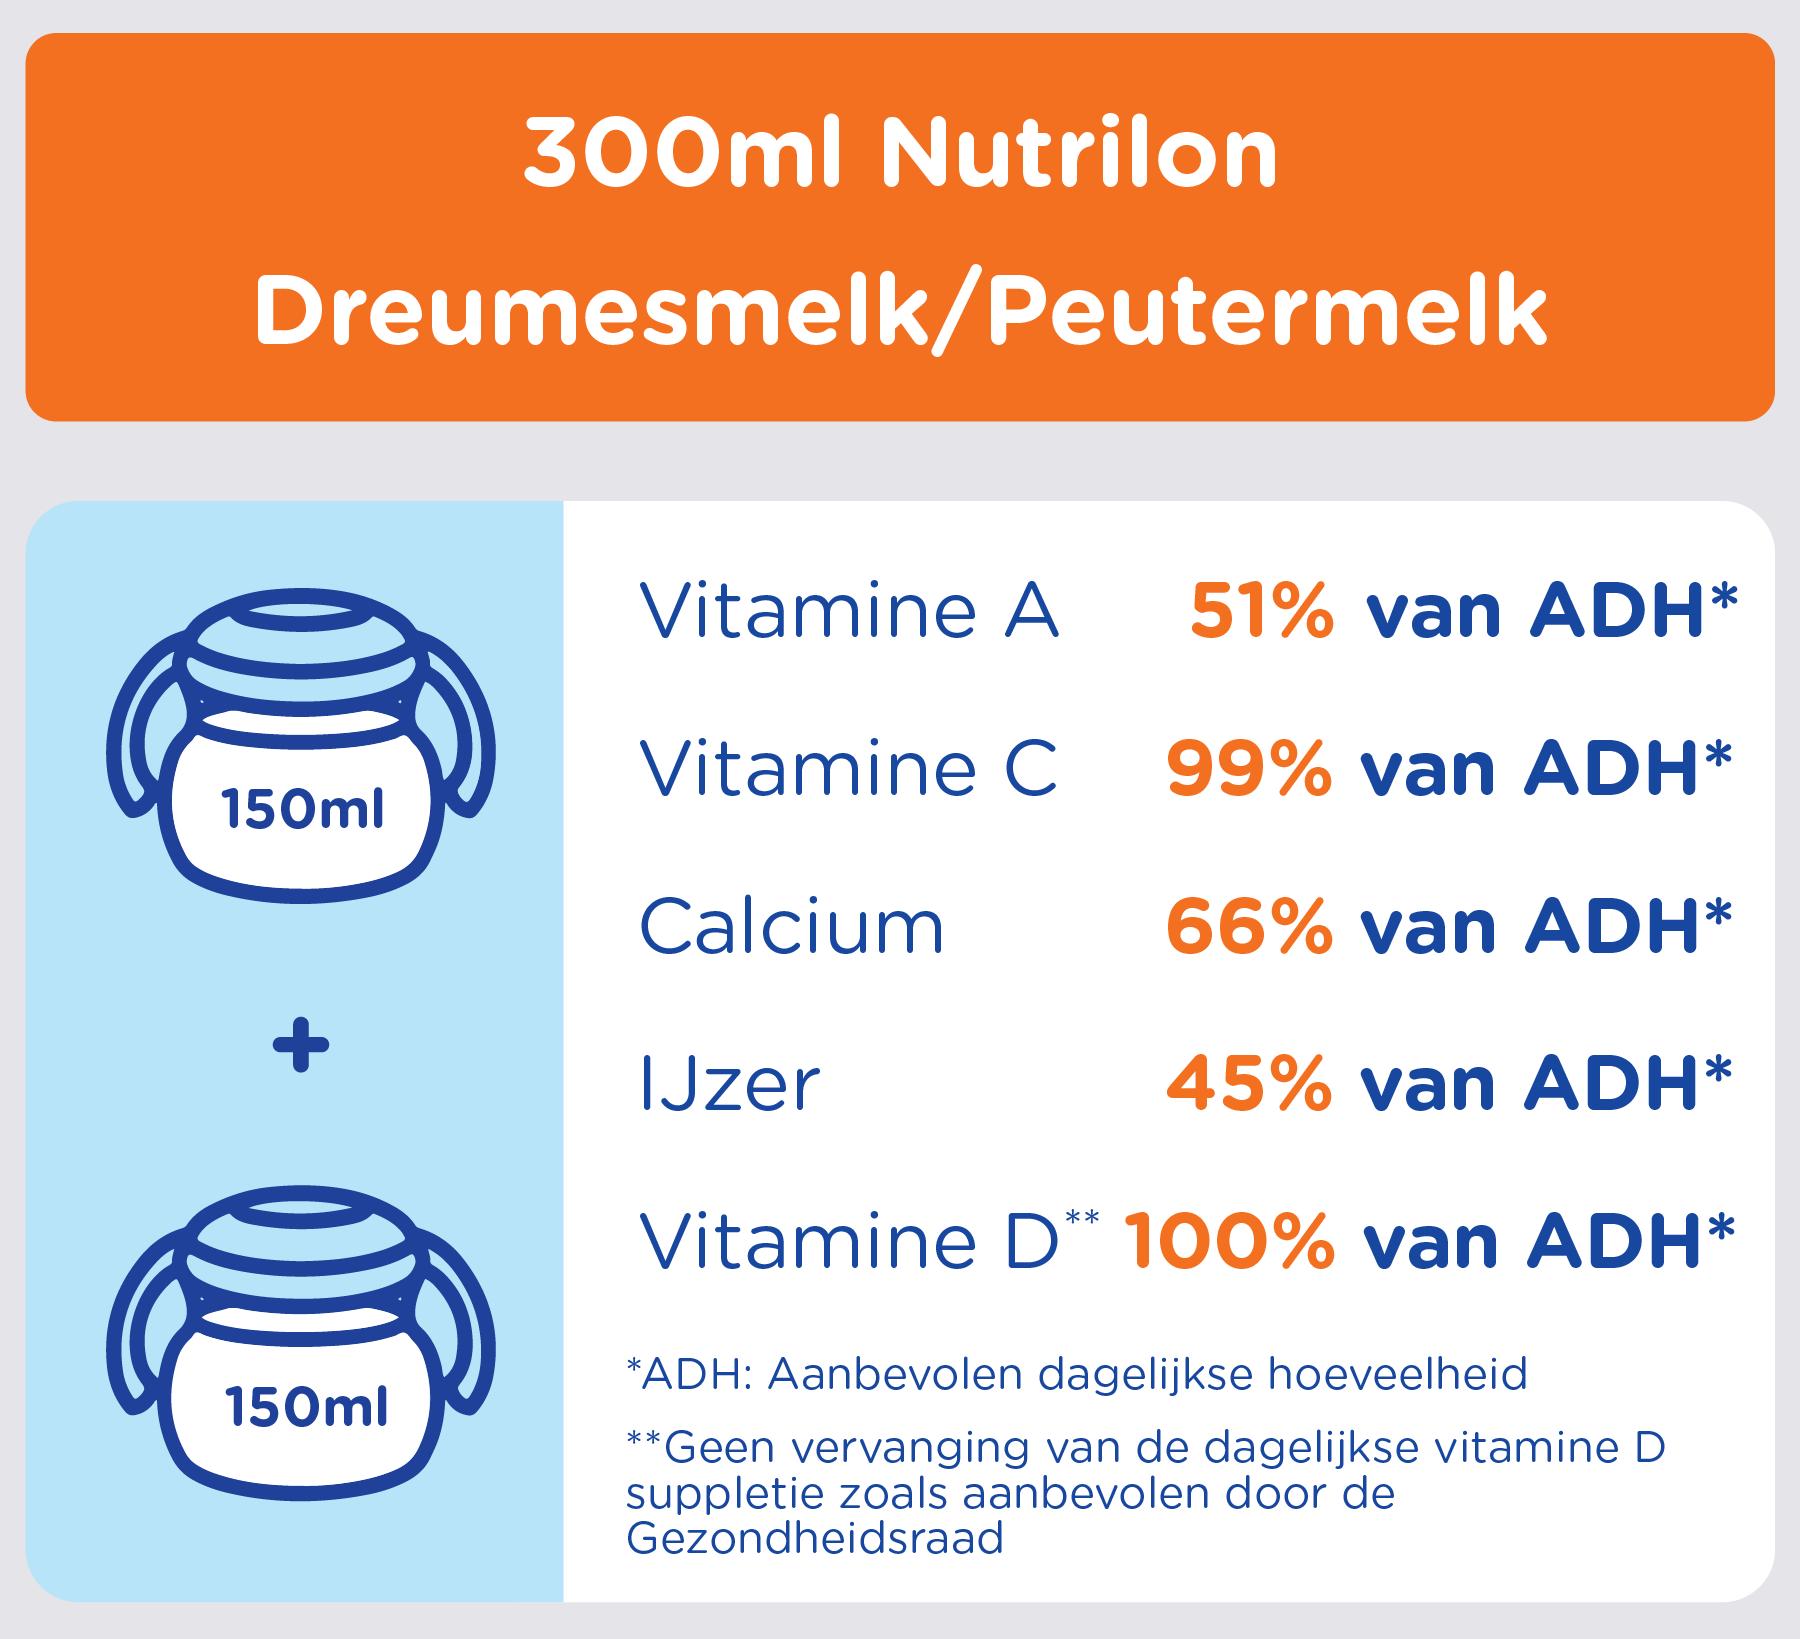 Nutrilon dreumesmelk en peutermelk aanbevolen dagelijkse hoeveelheid